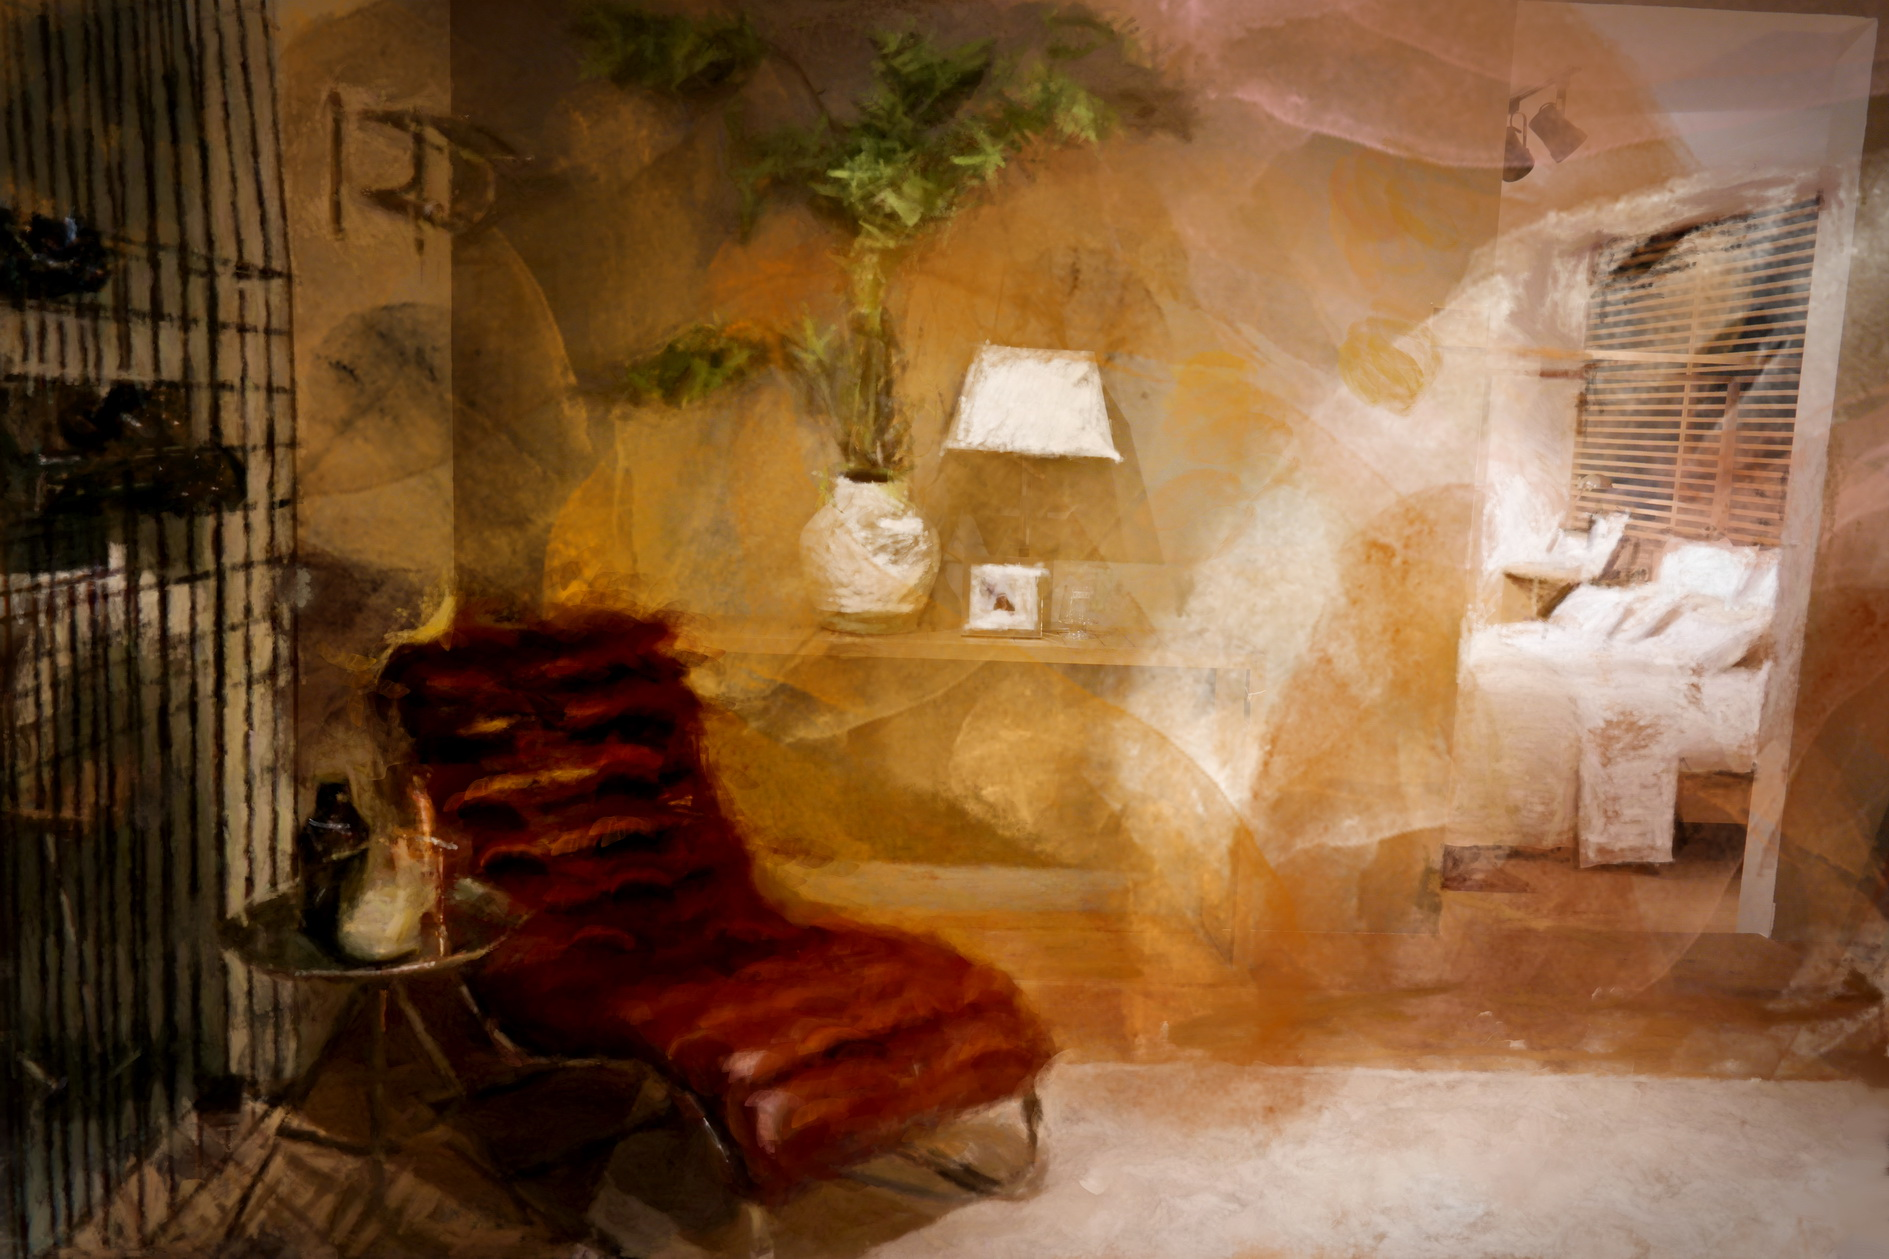 Schilderij_van_Laure_Van_De_Meele_geïnspireerd_door_Flamant_Interiors